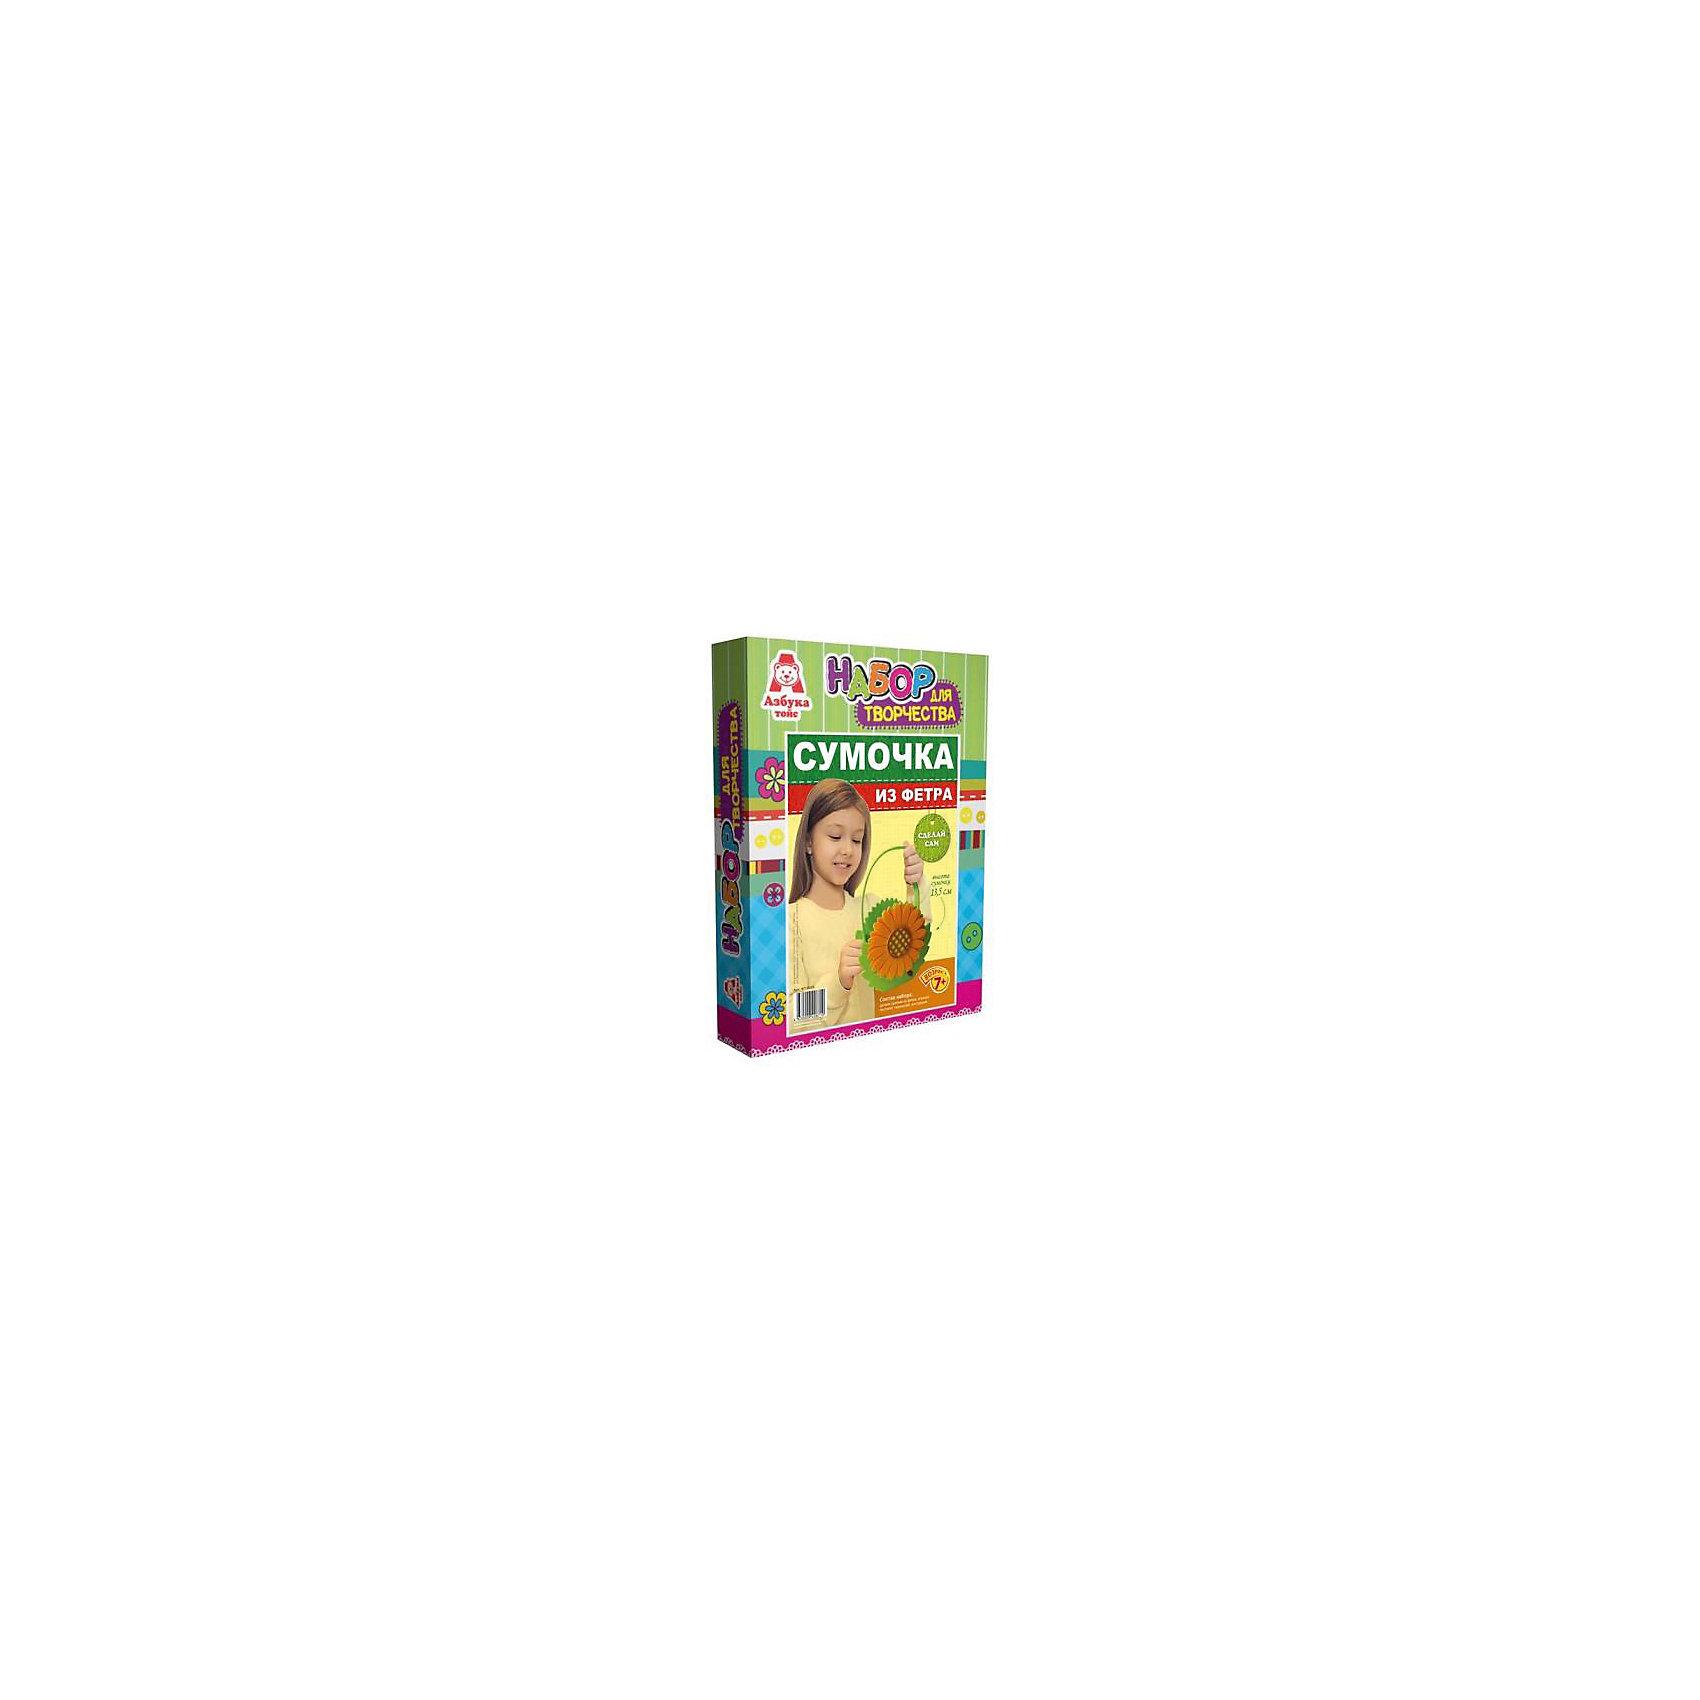 Сумочка из фетра ПодсолнухРукоделие<br>Сумочка из фетра Подсолнух, Азбука Тойс.<br><br>Характеристики:<br><br>• готовая сумочка прекрасно сохраняет форму<br>• легко изготовить<br>• яркие материалы<br>• высота сумочки: 13,5 см<br>• в комплекте: детали из фетра, термоклей, клеевой пистолет<br>• размер упаковки: 28х5х21 см<br>• вес: 178 грамм<br><br>Яркая сумочка из фетра от торговой марки Азбука Тойс станет прекрасным дополнением к образу маленькой модницы. С помощью набора Подсолнух девочка сможет создать стильную сумочку самостоятельно. Для этого достаточно лишь соединить детали из фетра при помощи клеевого пистолета и термоклея. Готовая сумка подойдет для хранения небольших предметов или косметики. А яркий дизайн сумочки в виде цветка всегда будет радовать маленькую леди!<br><br>Сумочка из фетра Подсолнух, Азбука Тойс вы можете купить в нашем интернет-магазине.<br><br>Ширина мм: 210<br>Глубина мм: 50<br>Высота мм: 280<br>Вес г: 178<br>Возраст от месяцев: 84<br>Возраст до месяцев: 144<br>Пол: Женский<br>Возраст: Детский<br>SKU: 5062982